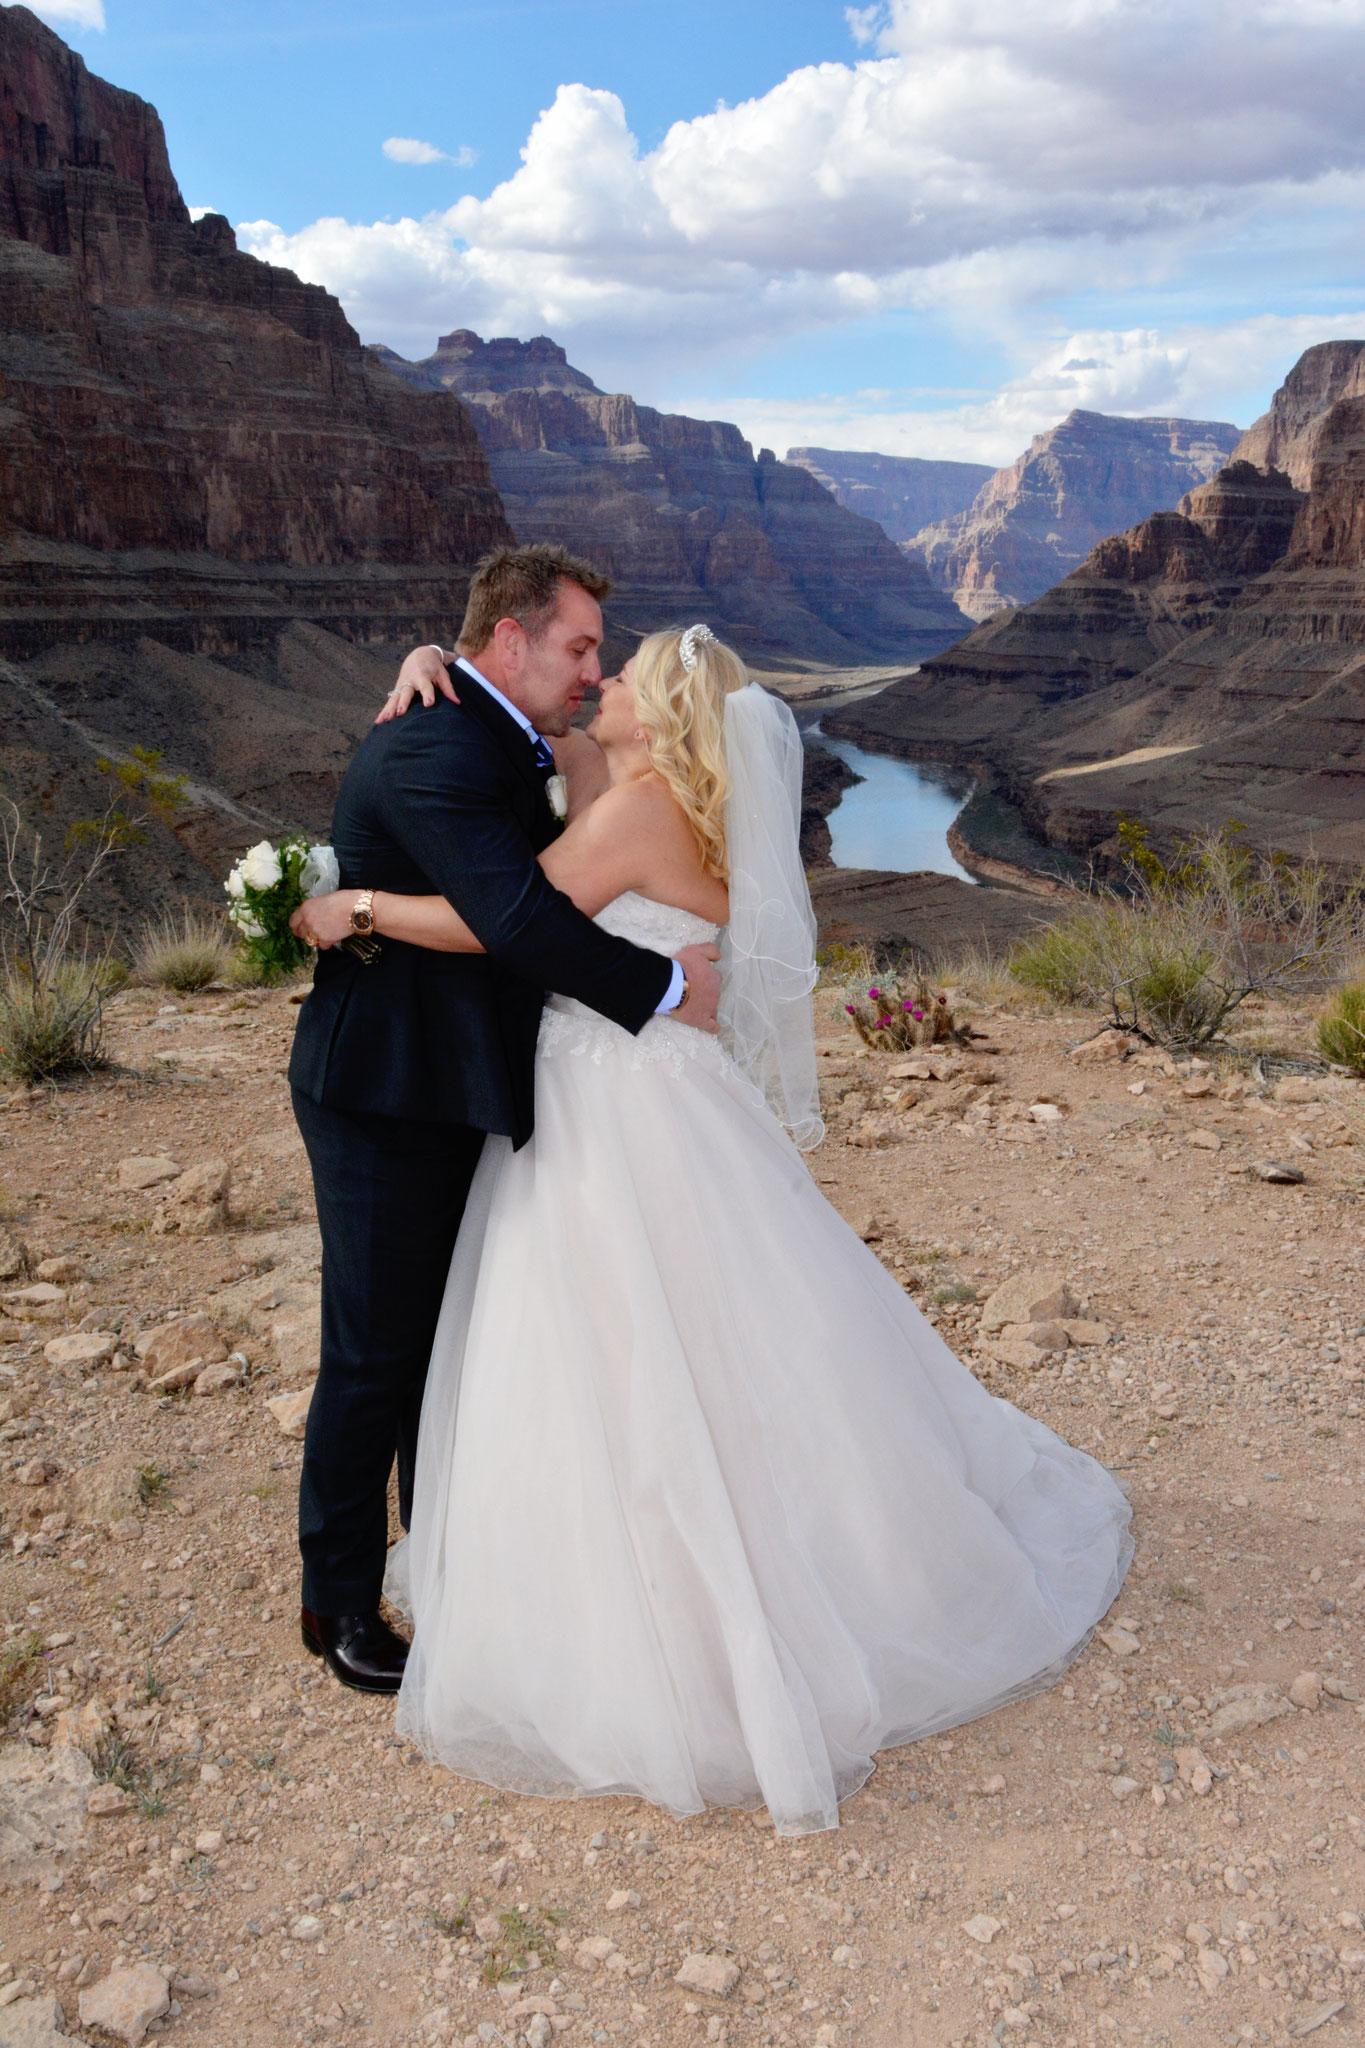 Der erste Kuss als Mann und Frau im Grand Canyon